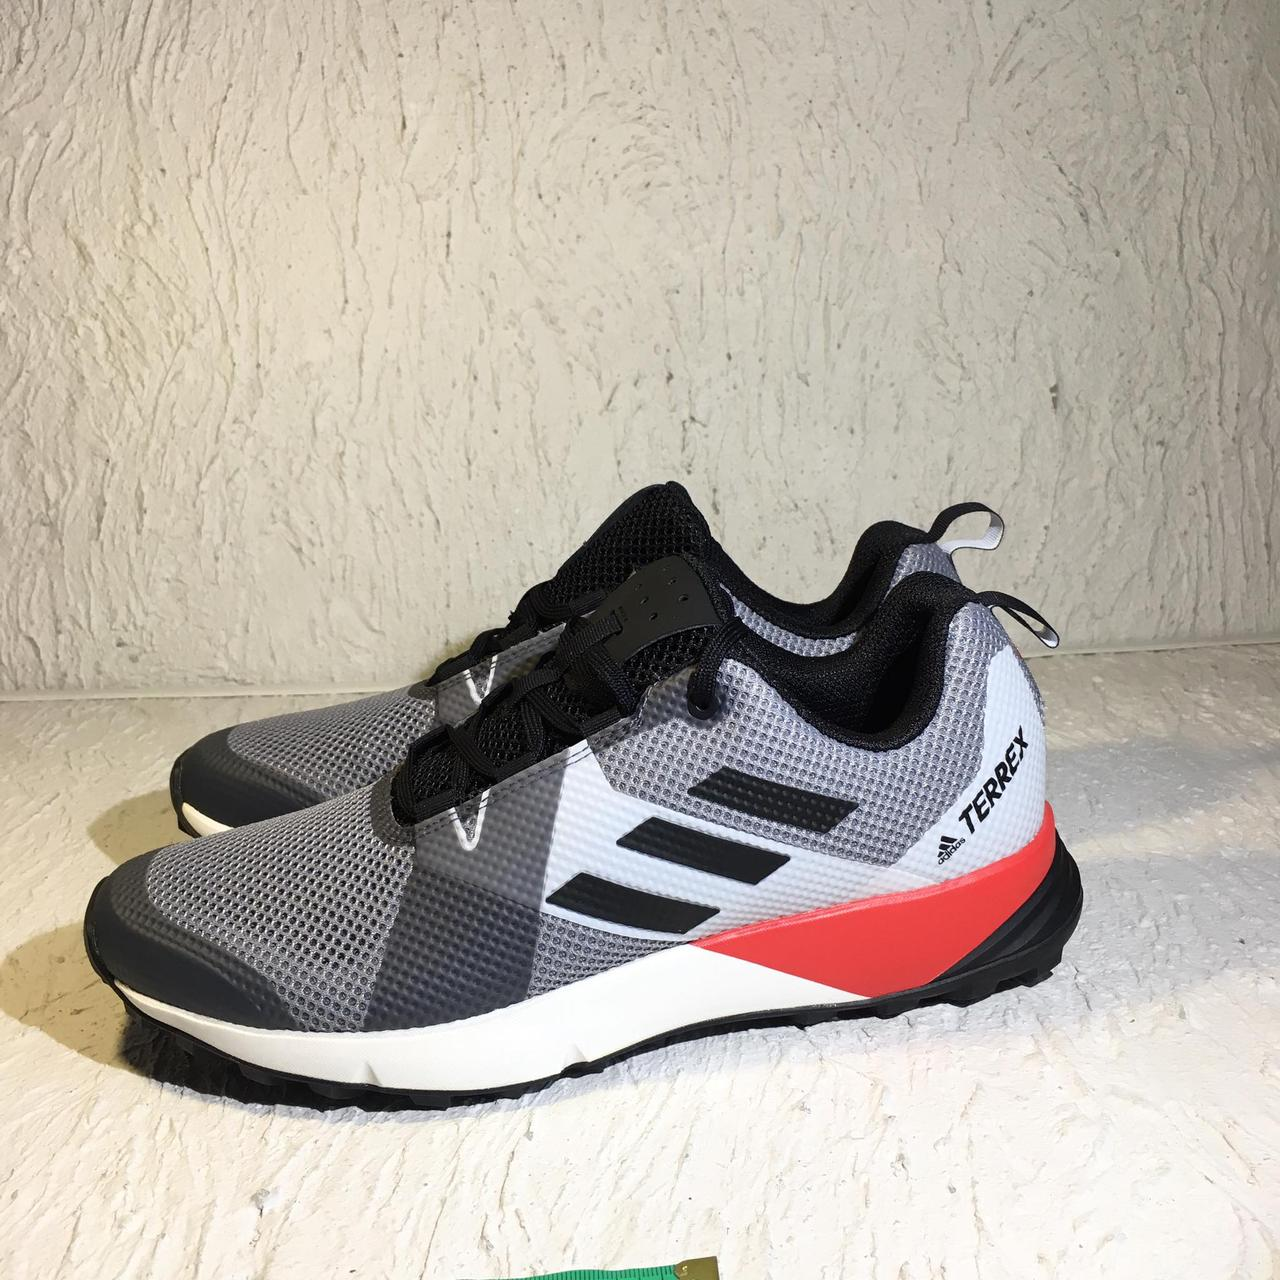 Мужские кроссовки Adidas Terrex Two BC0499 42.5, 43.5, 44, 44.5 размер